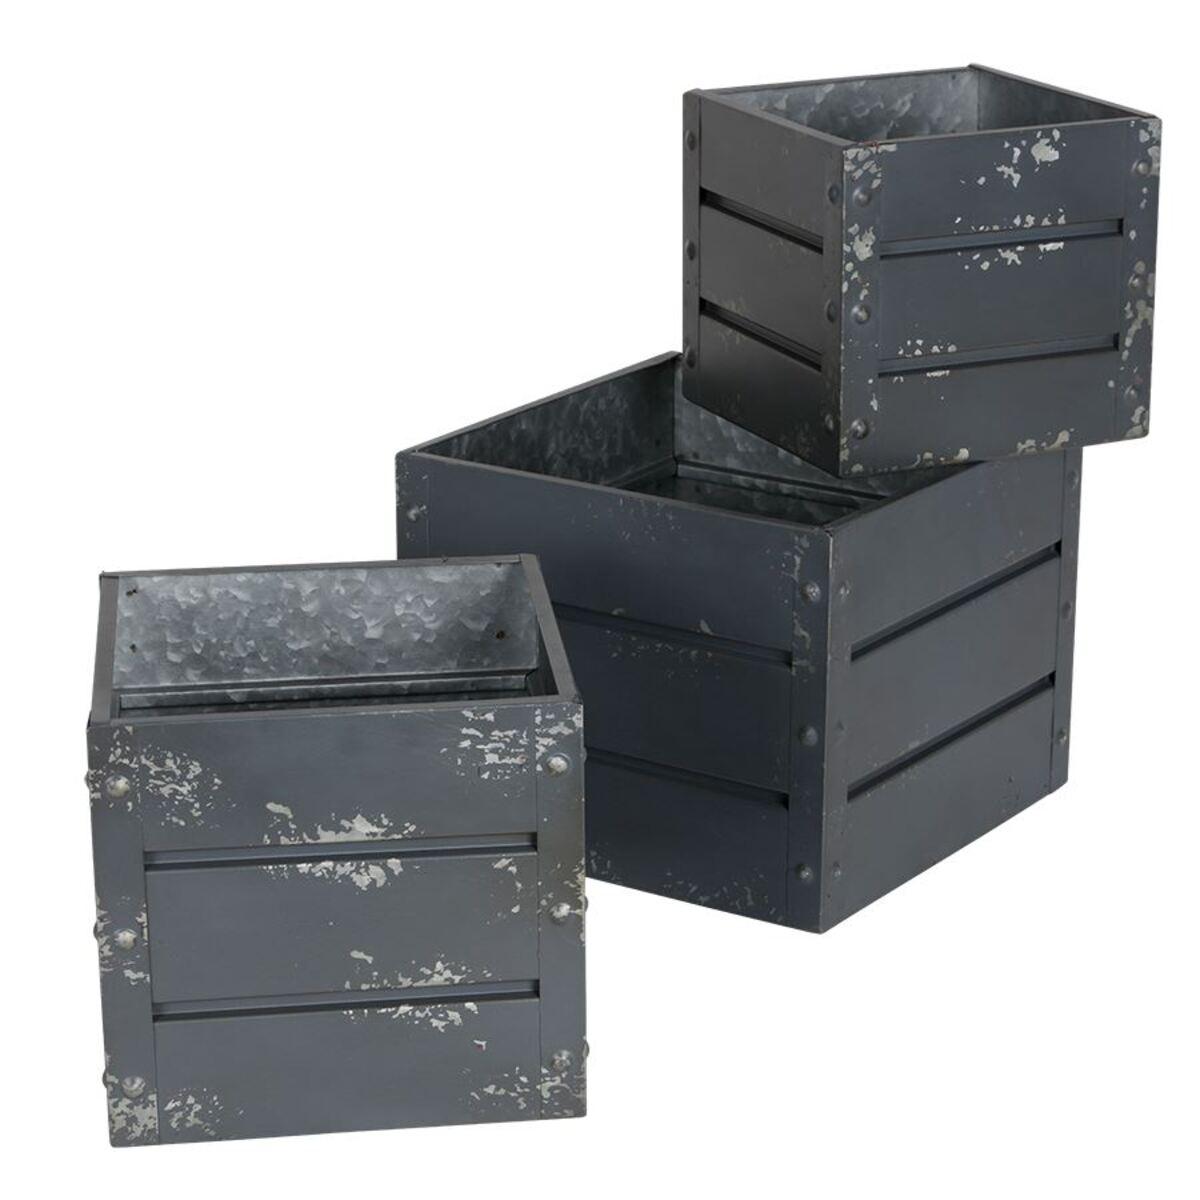 Bild 2 von Zink-Übertöpfe Container-Design Anthrazit 3er-Set